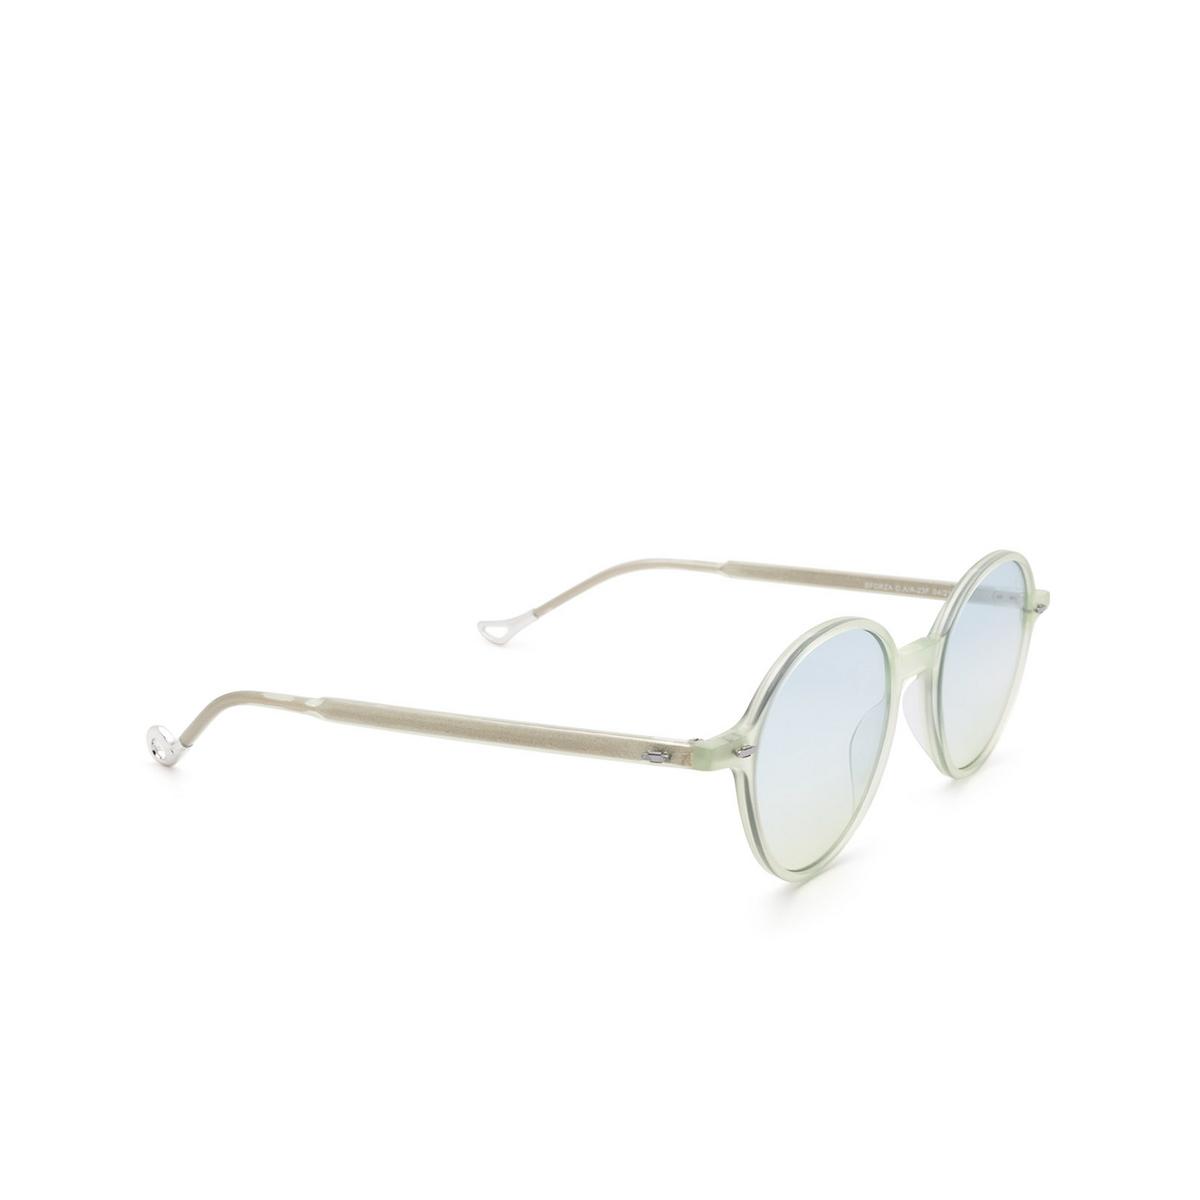 Eyepetizer® Round Sunglasses: Sforza color Green Aquamarine C.A/A-23F - three-quarters view.